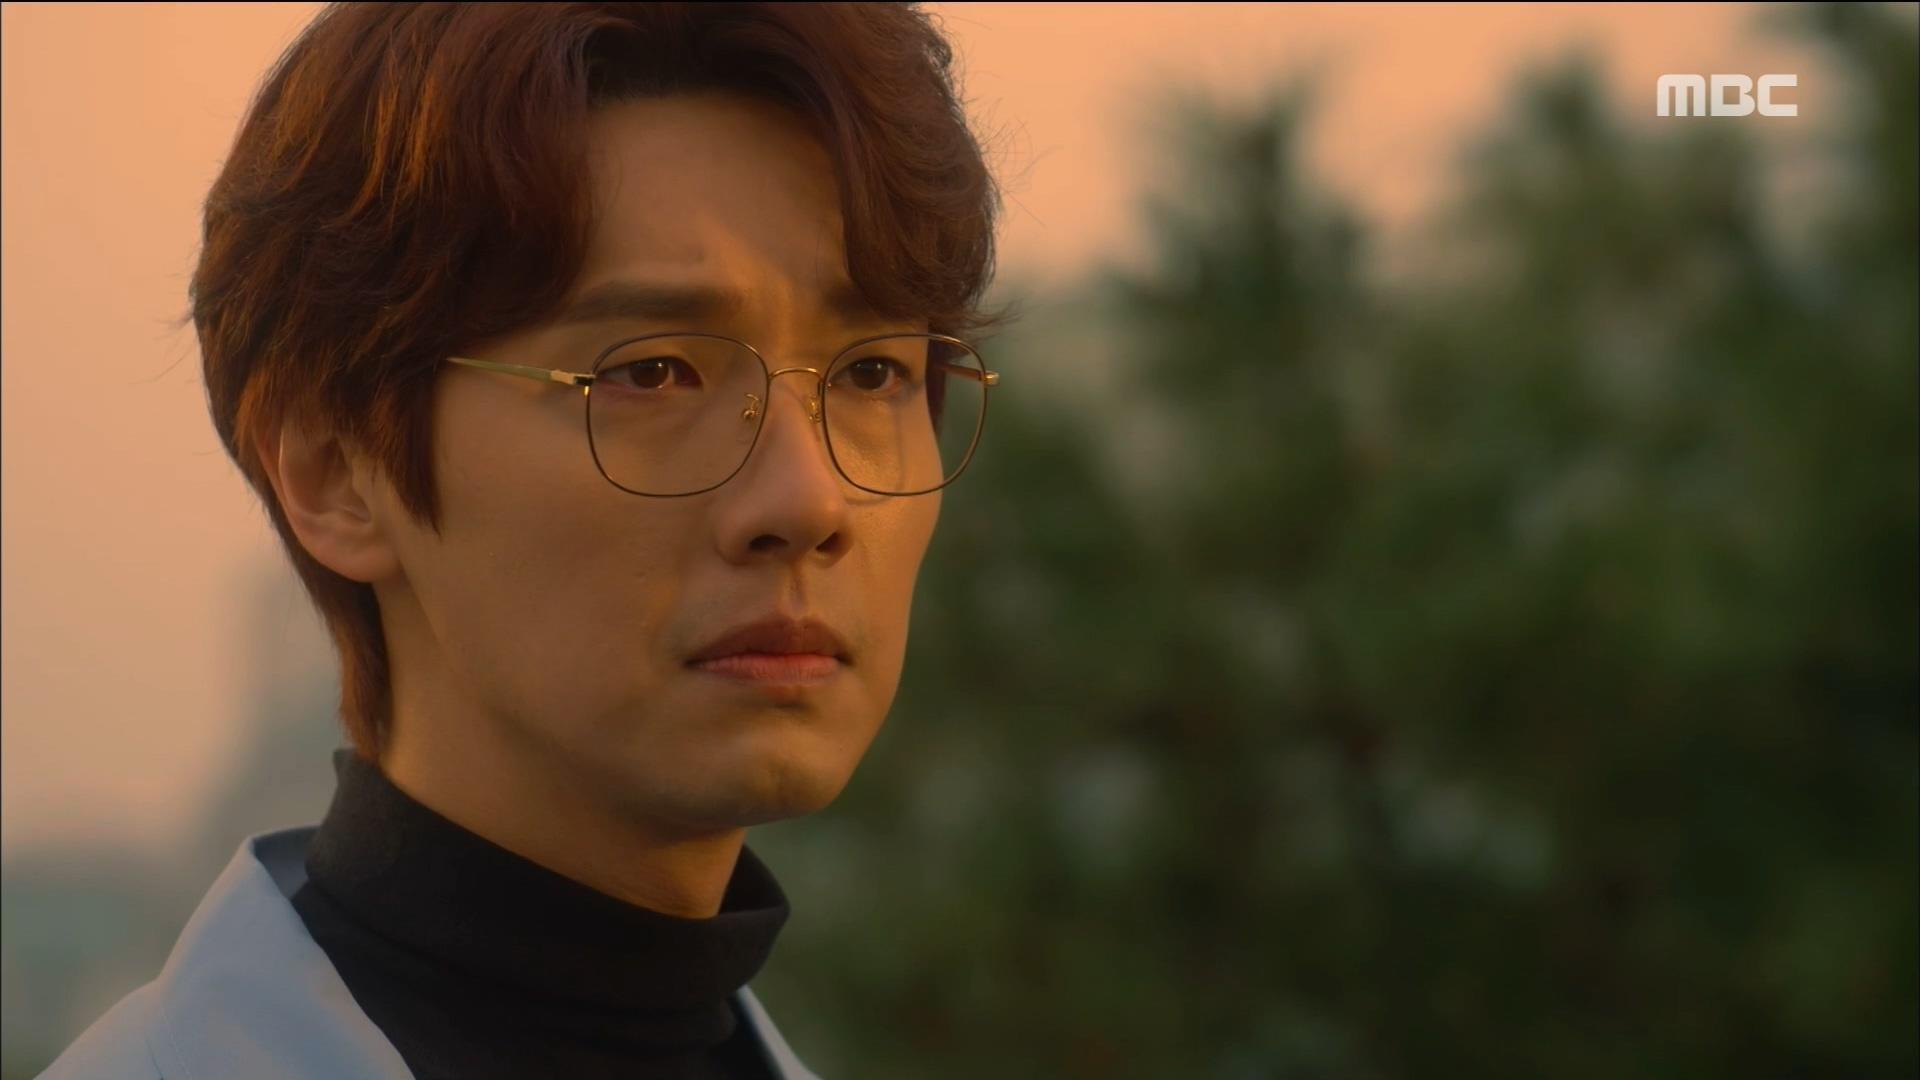 박한별에게로 달려갔지만 연락하지 못하는 지현우 : TV줌